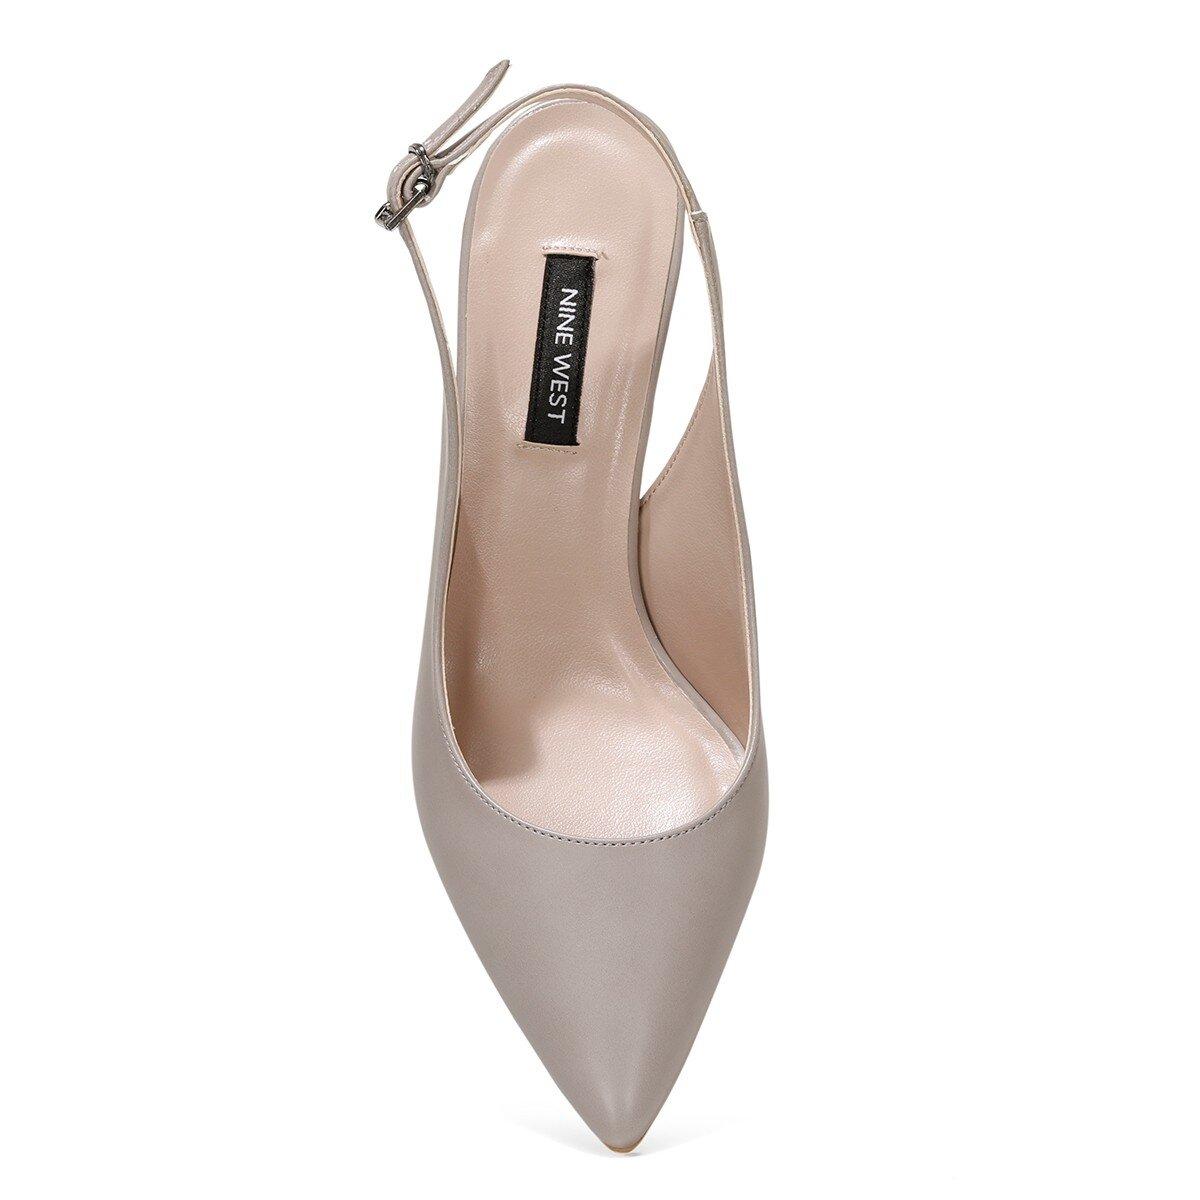 HALBEY 1FX Gri Kadın Gova Ayakkabı